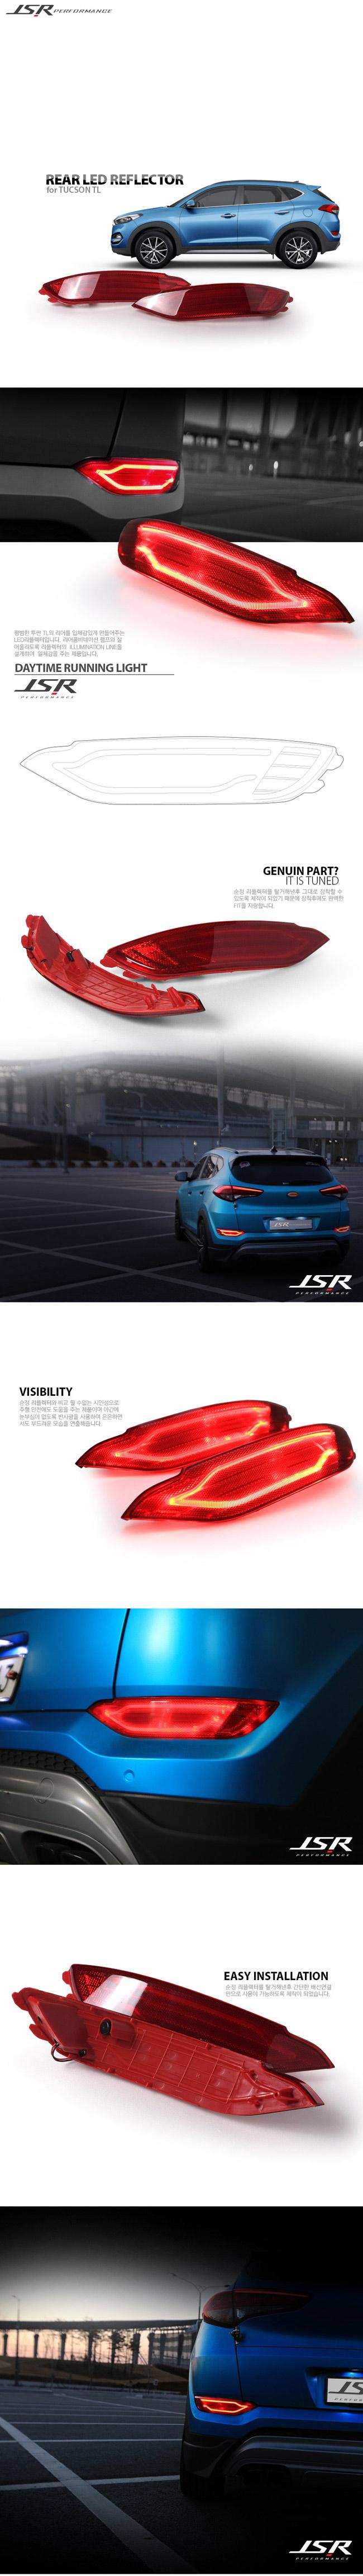 드레스업카, JSR 올뉴투싼 TL LED 리어범퍼 리플렉터 완제품 / 1:1 교체형 (좌,우 한대분)